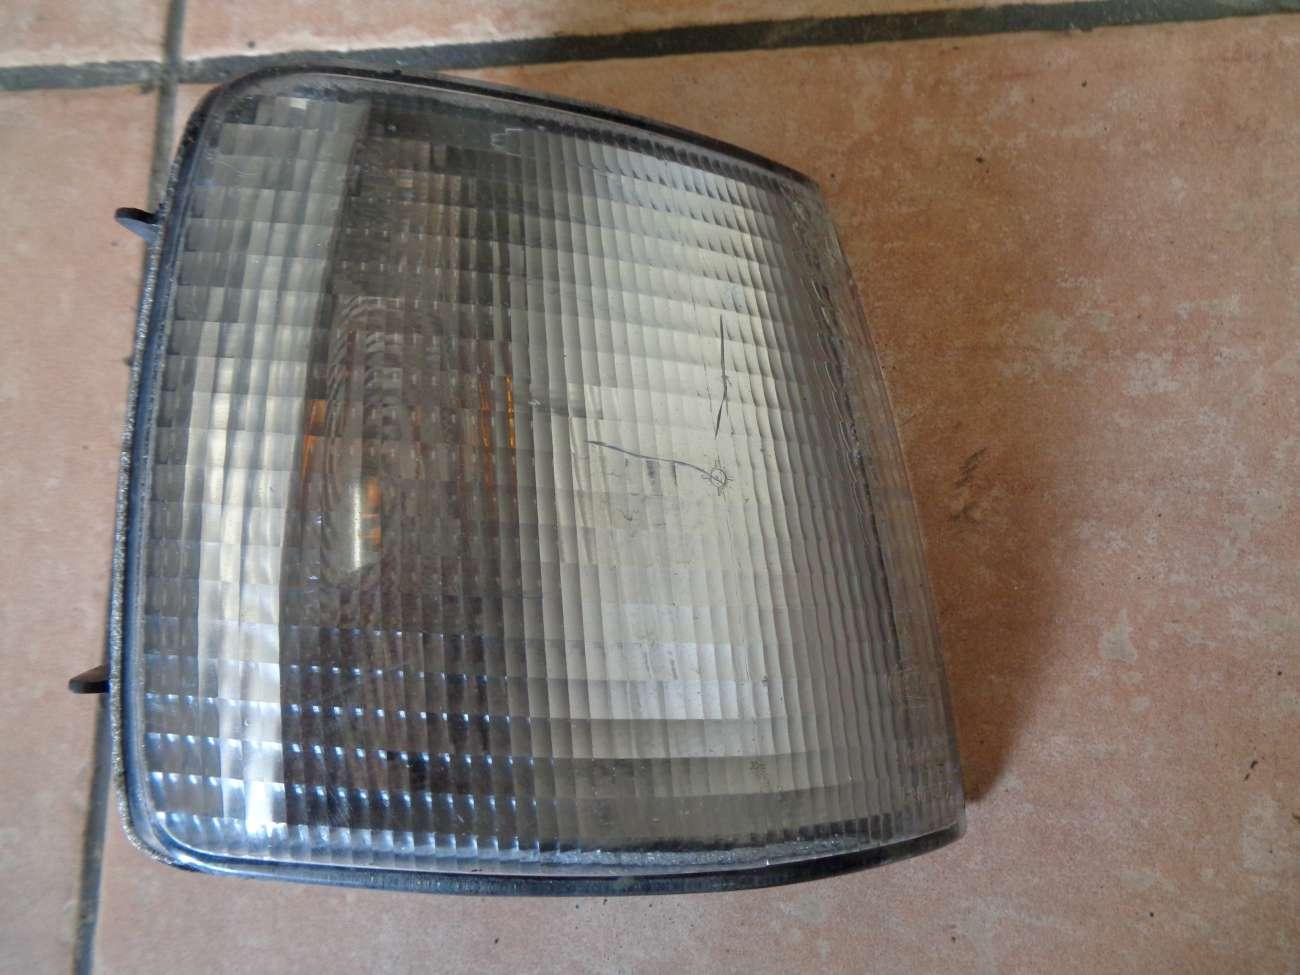 VW Passat 35i Bj.88-93 Blinker Blinkleuchte Blinklicht vorne rechts 357953050A